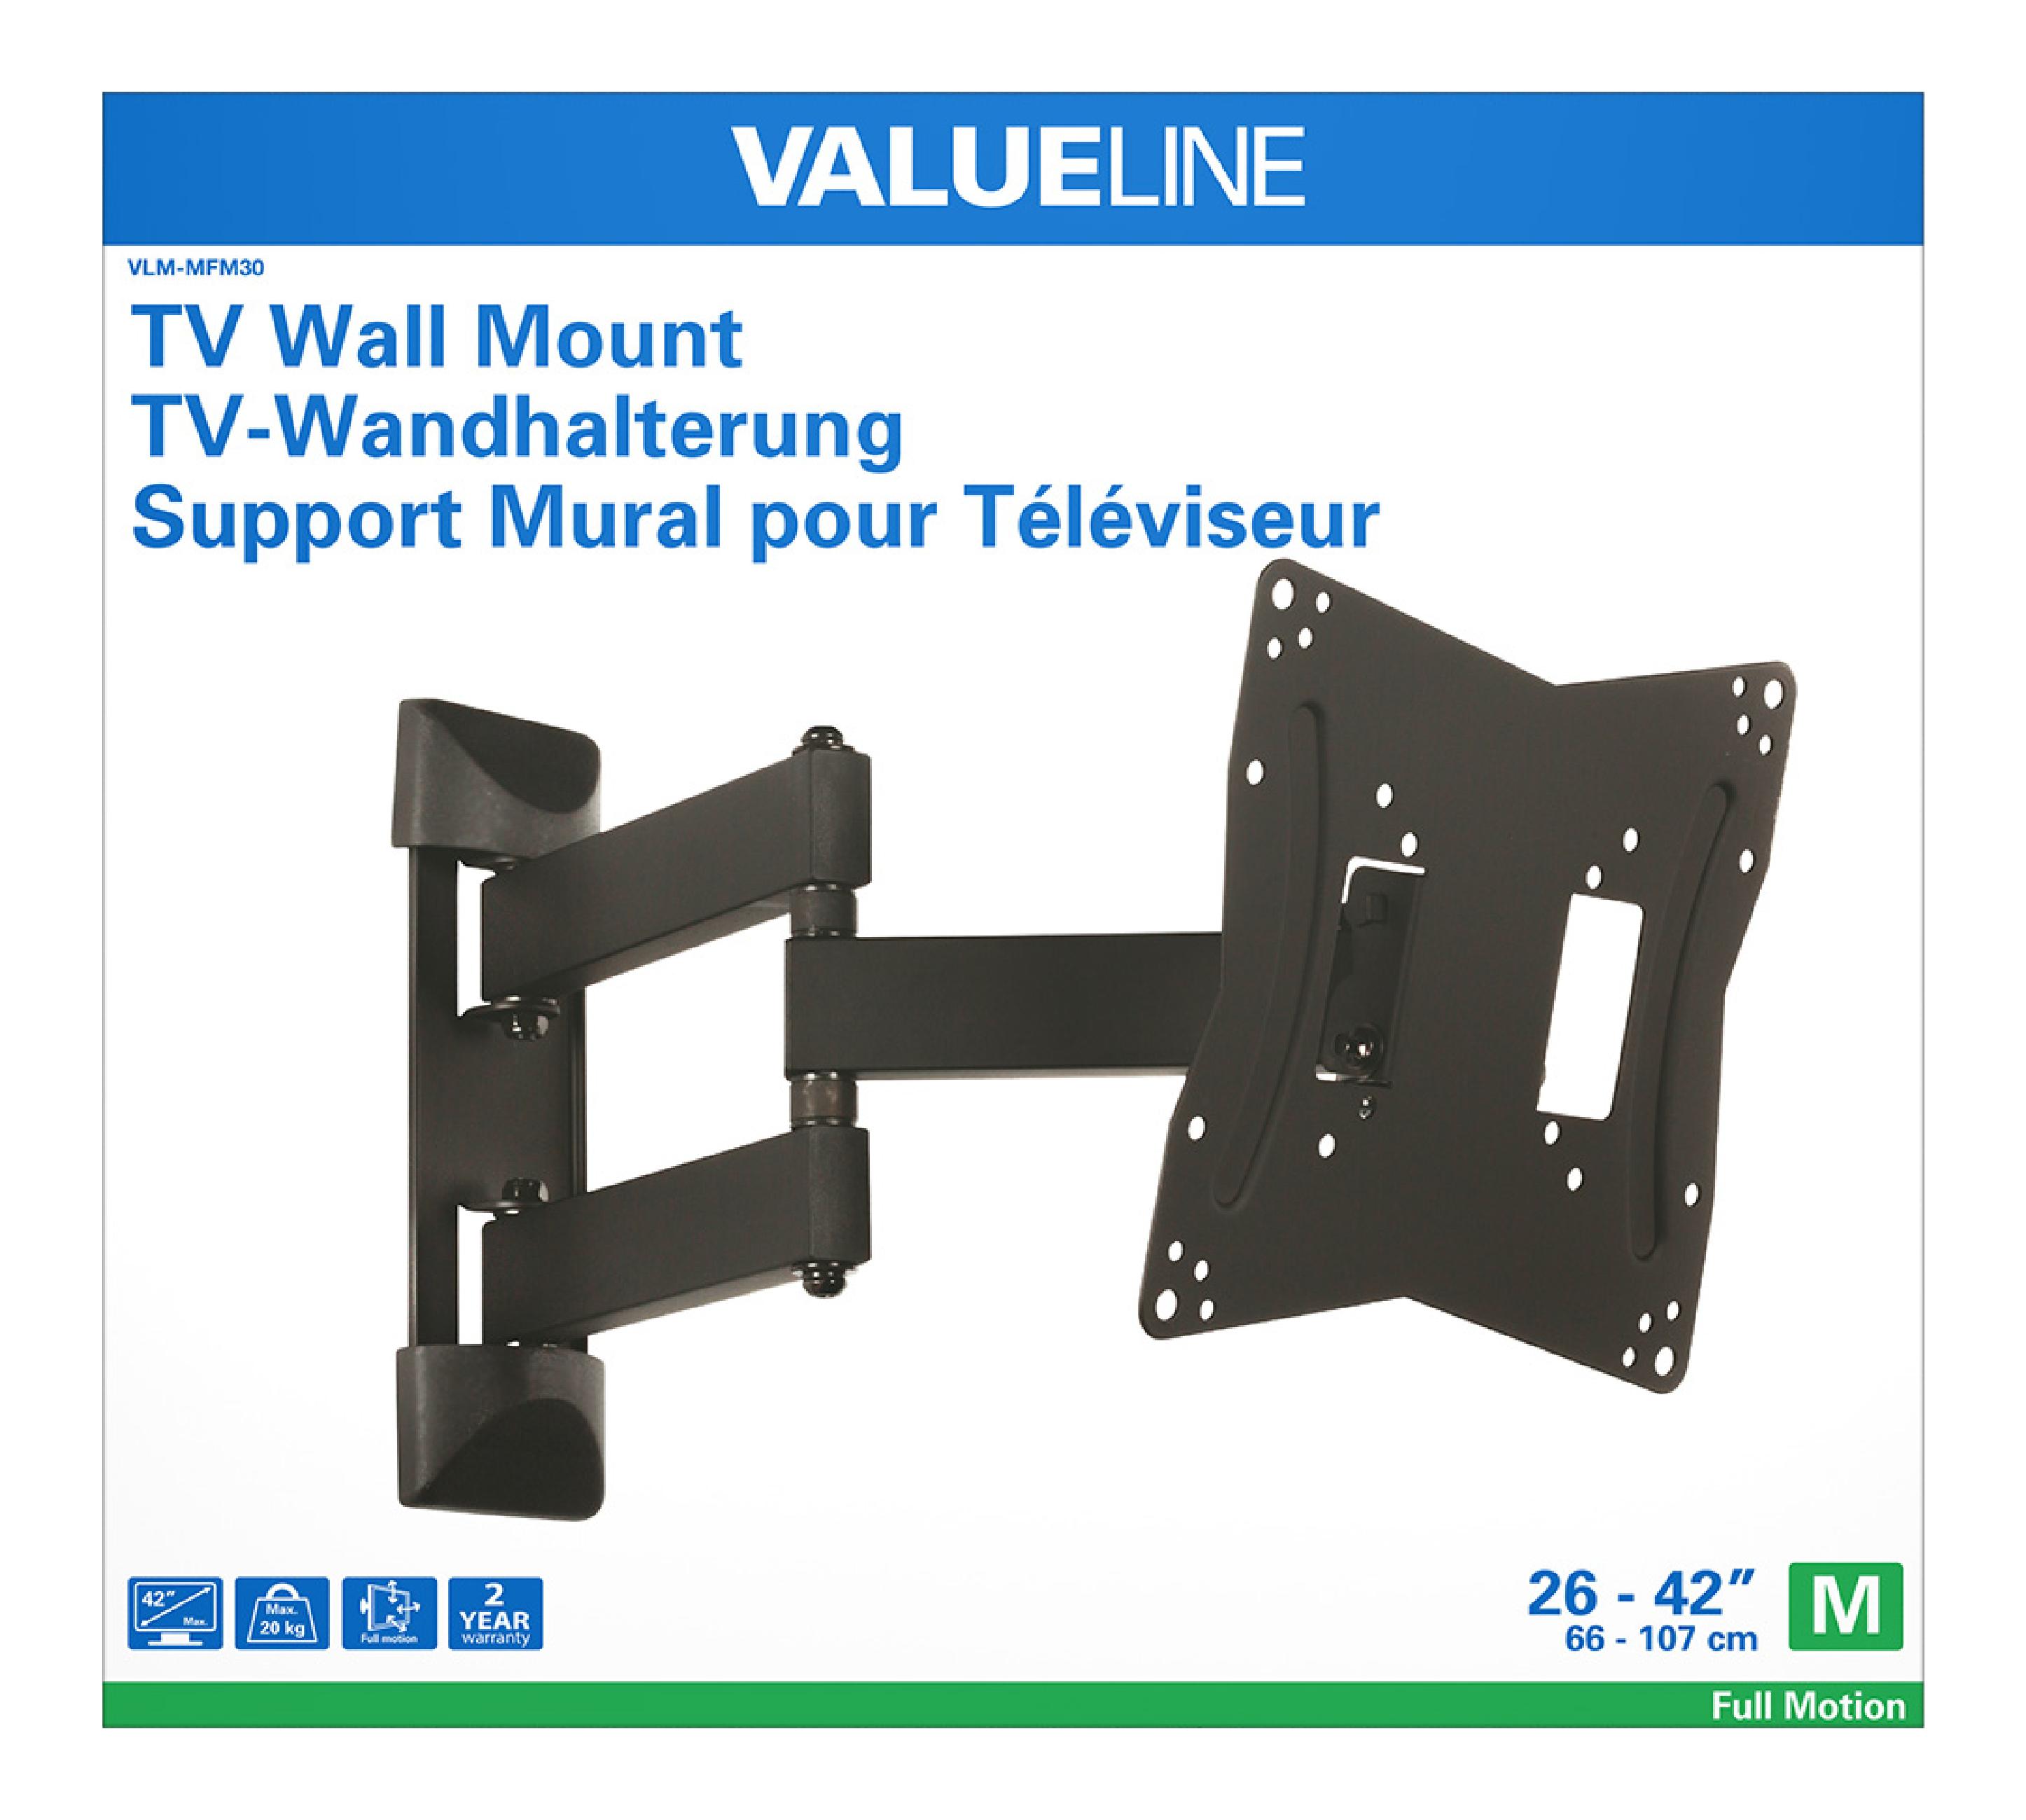 Vlm Mfm30 Valueline Tv Wall Mount Full Motion 26 42